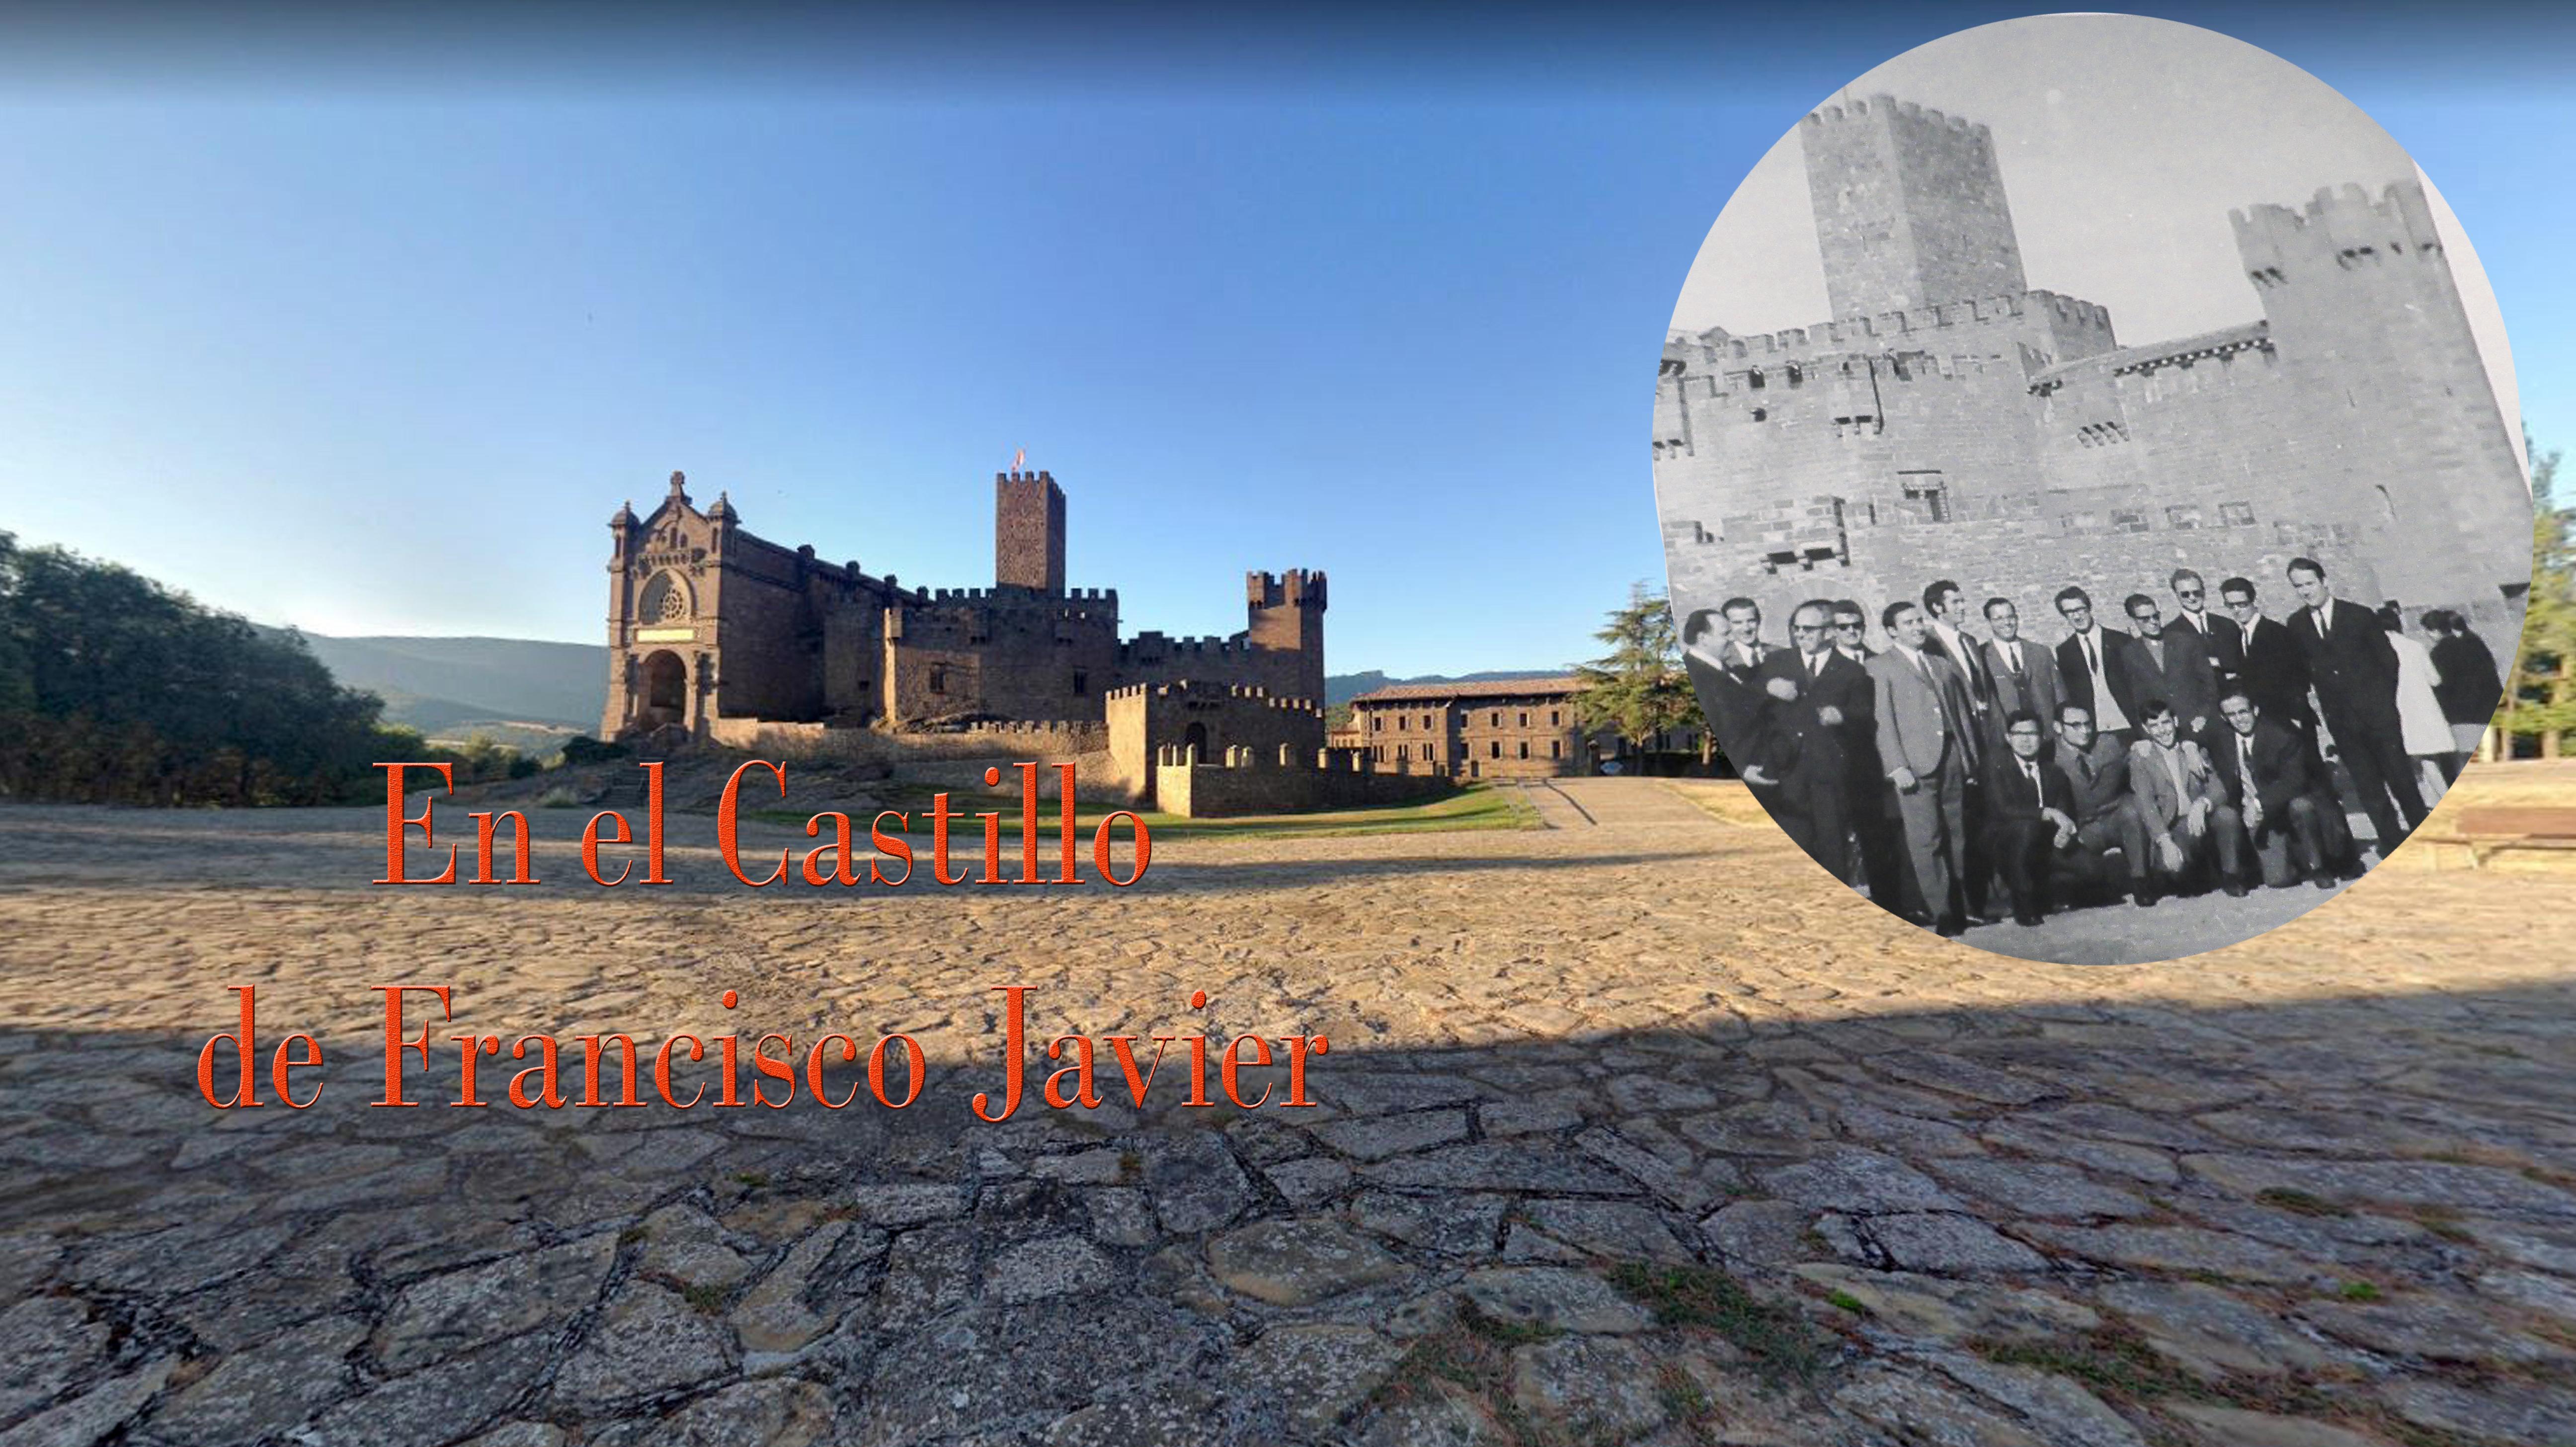 En el Castillo de Francisco Javier